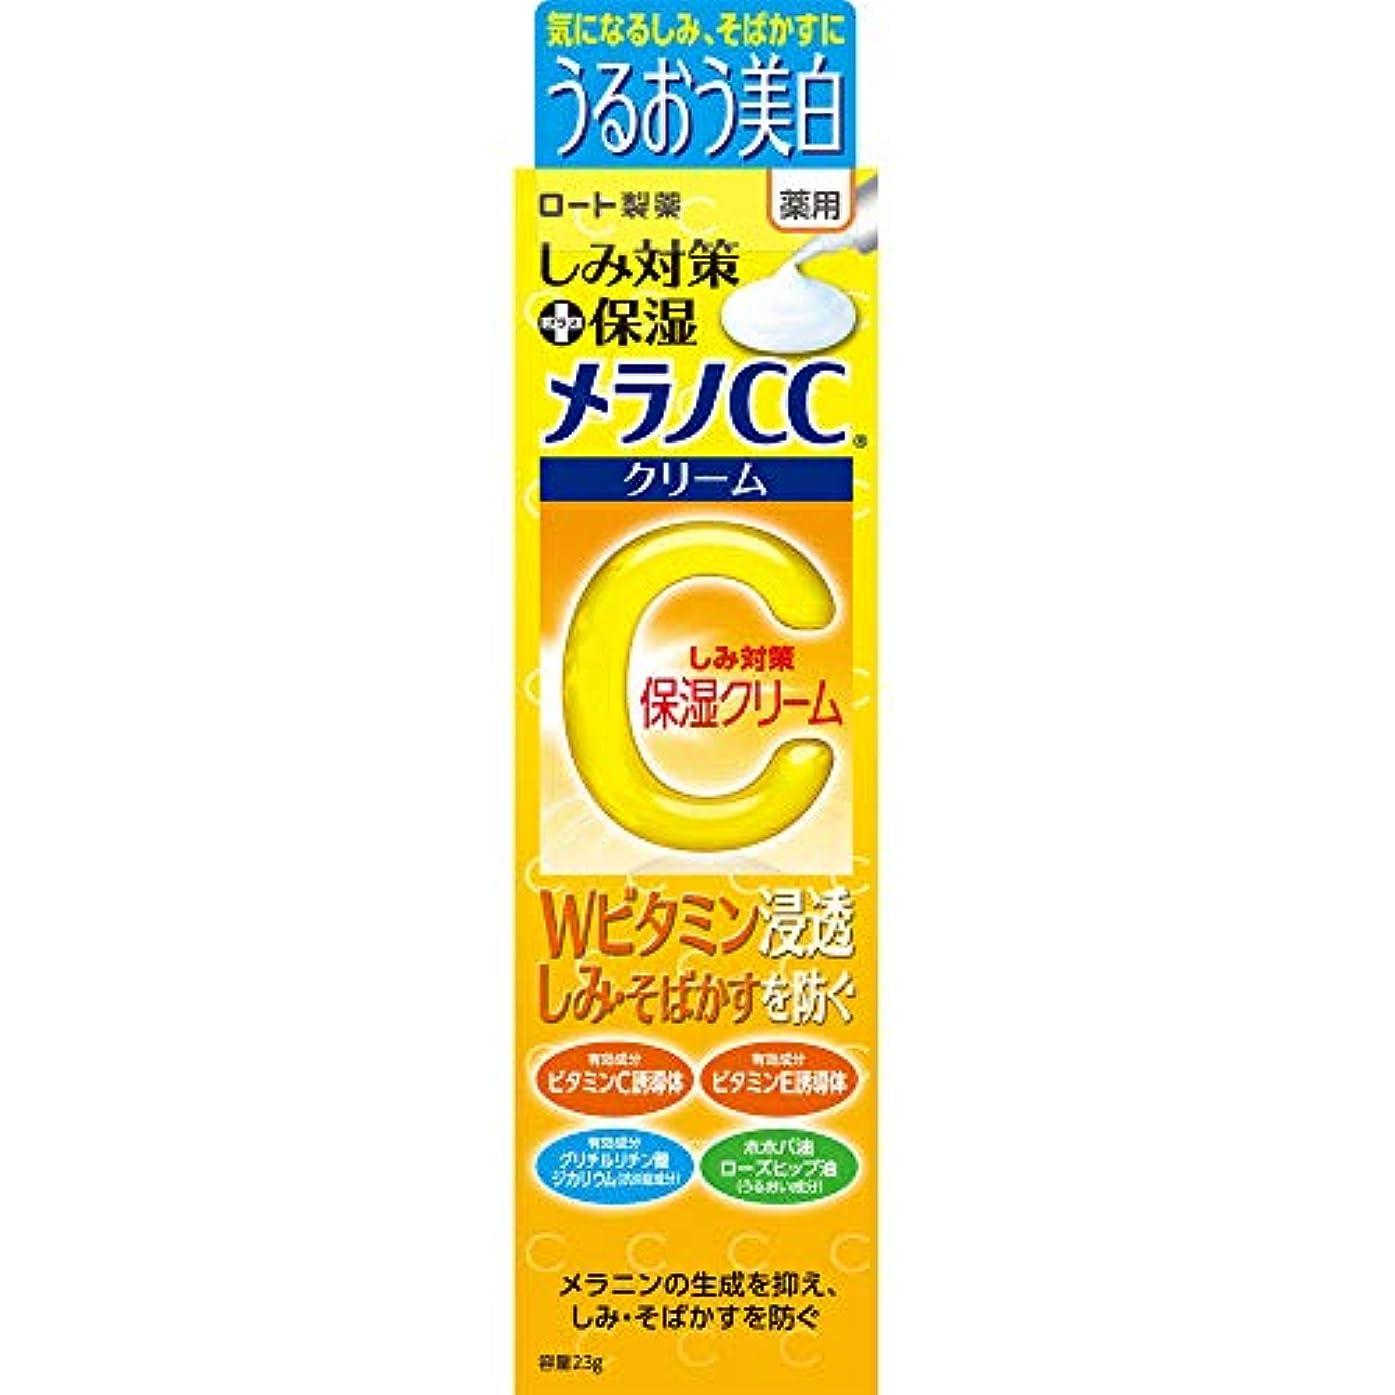 サンプル頼むブランド名メラノCC 薬用しみ対策 保湿クリーム 23g